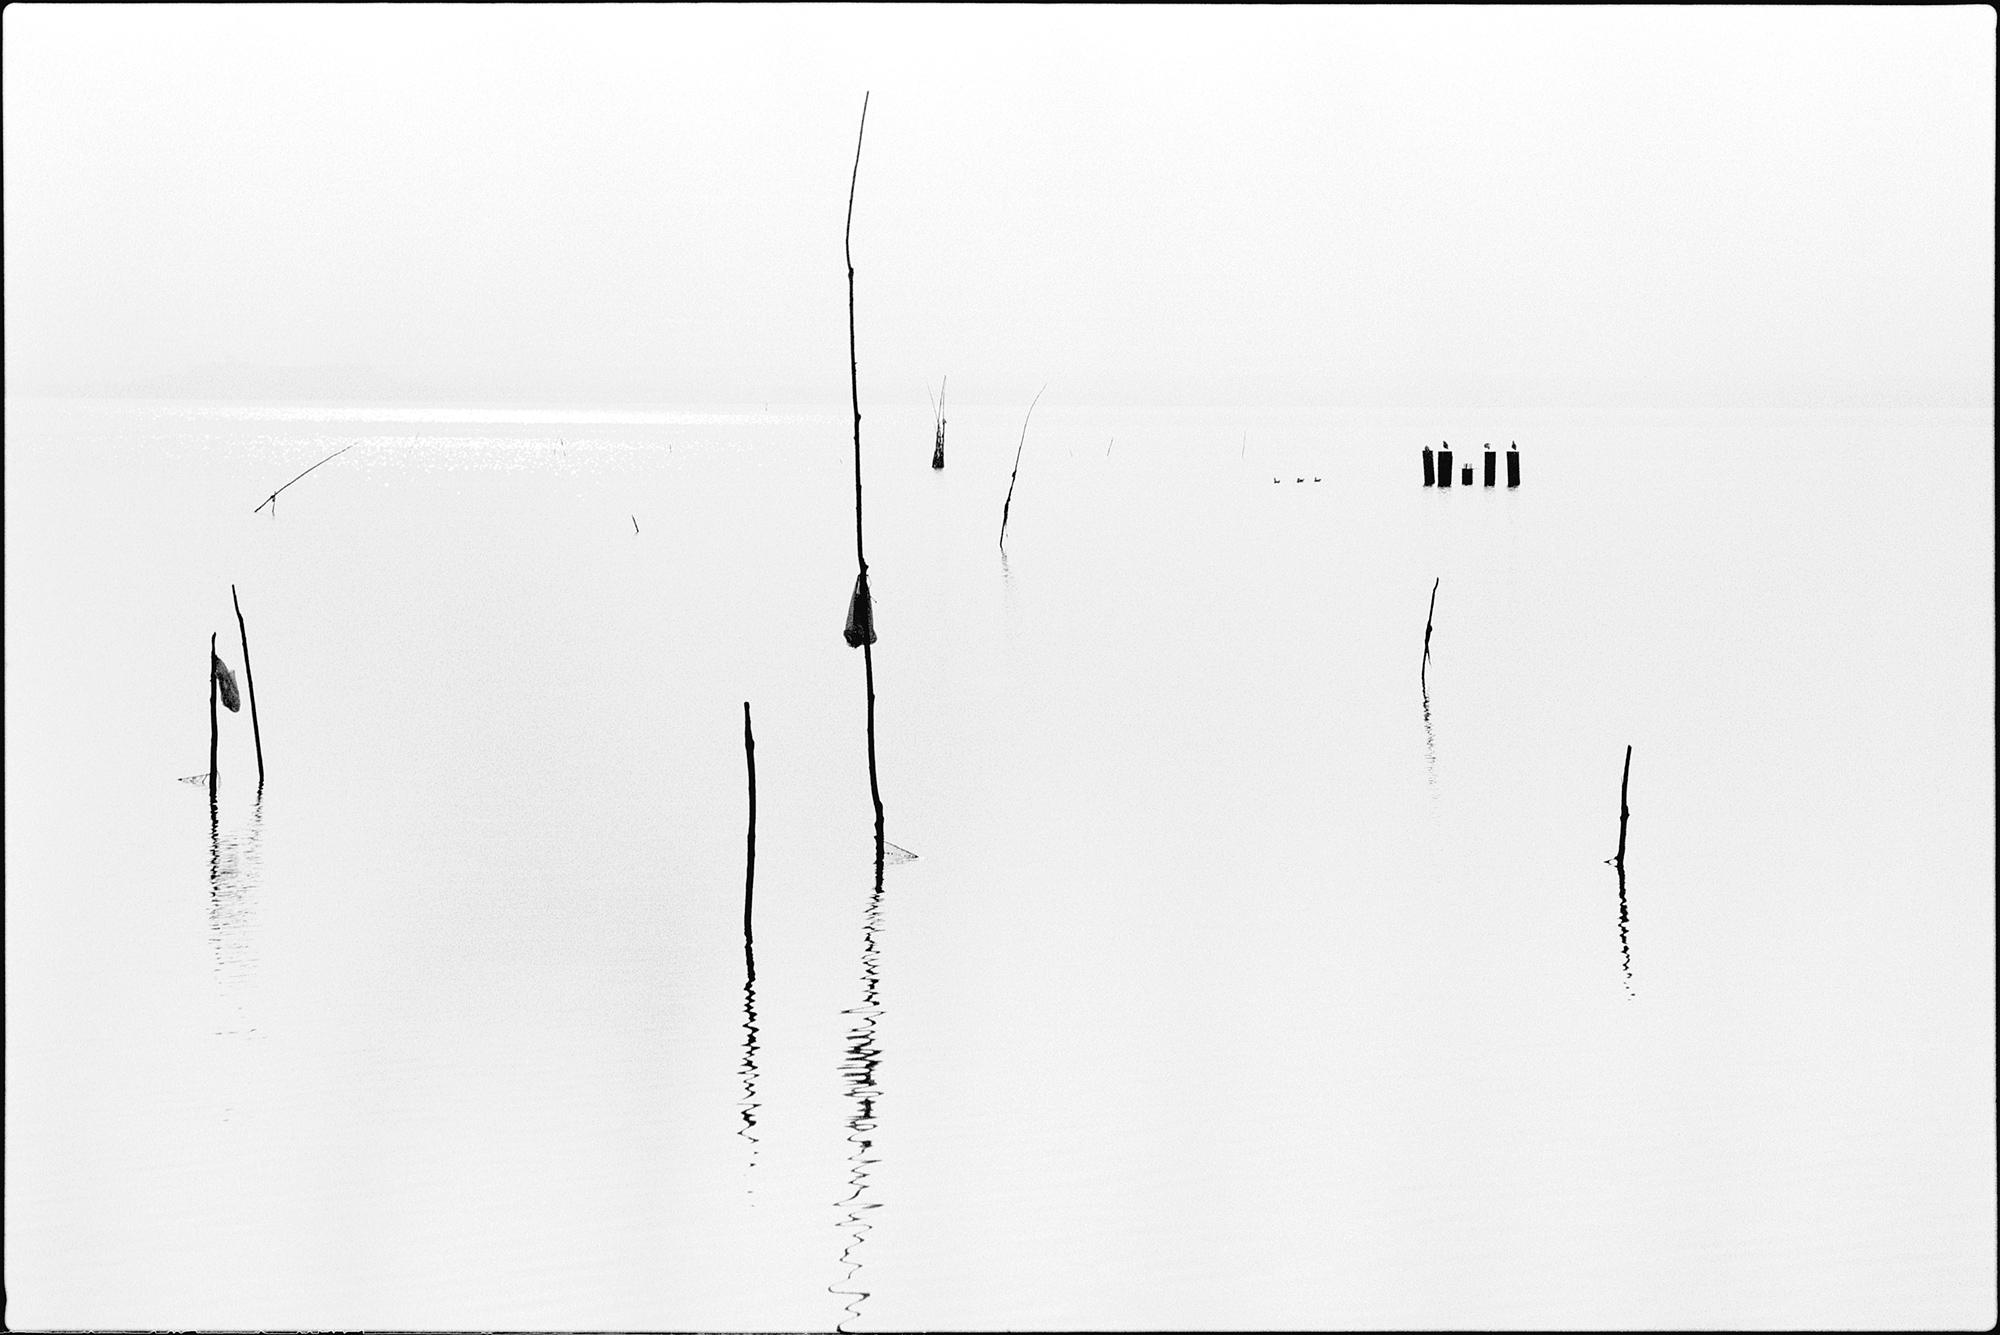 lake trasimeno, italy 1988